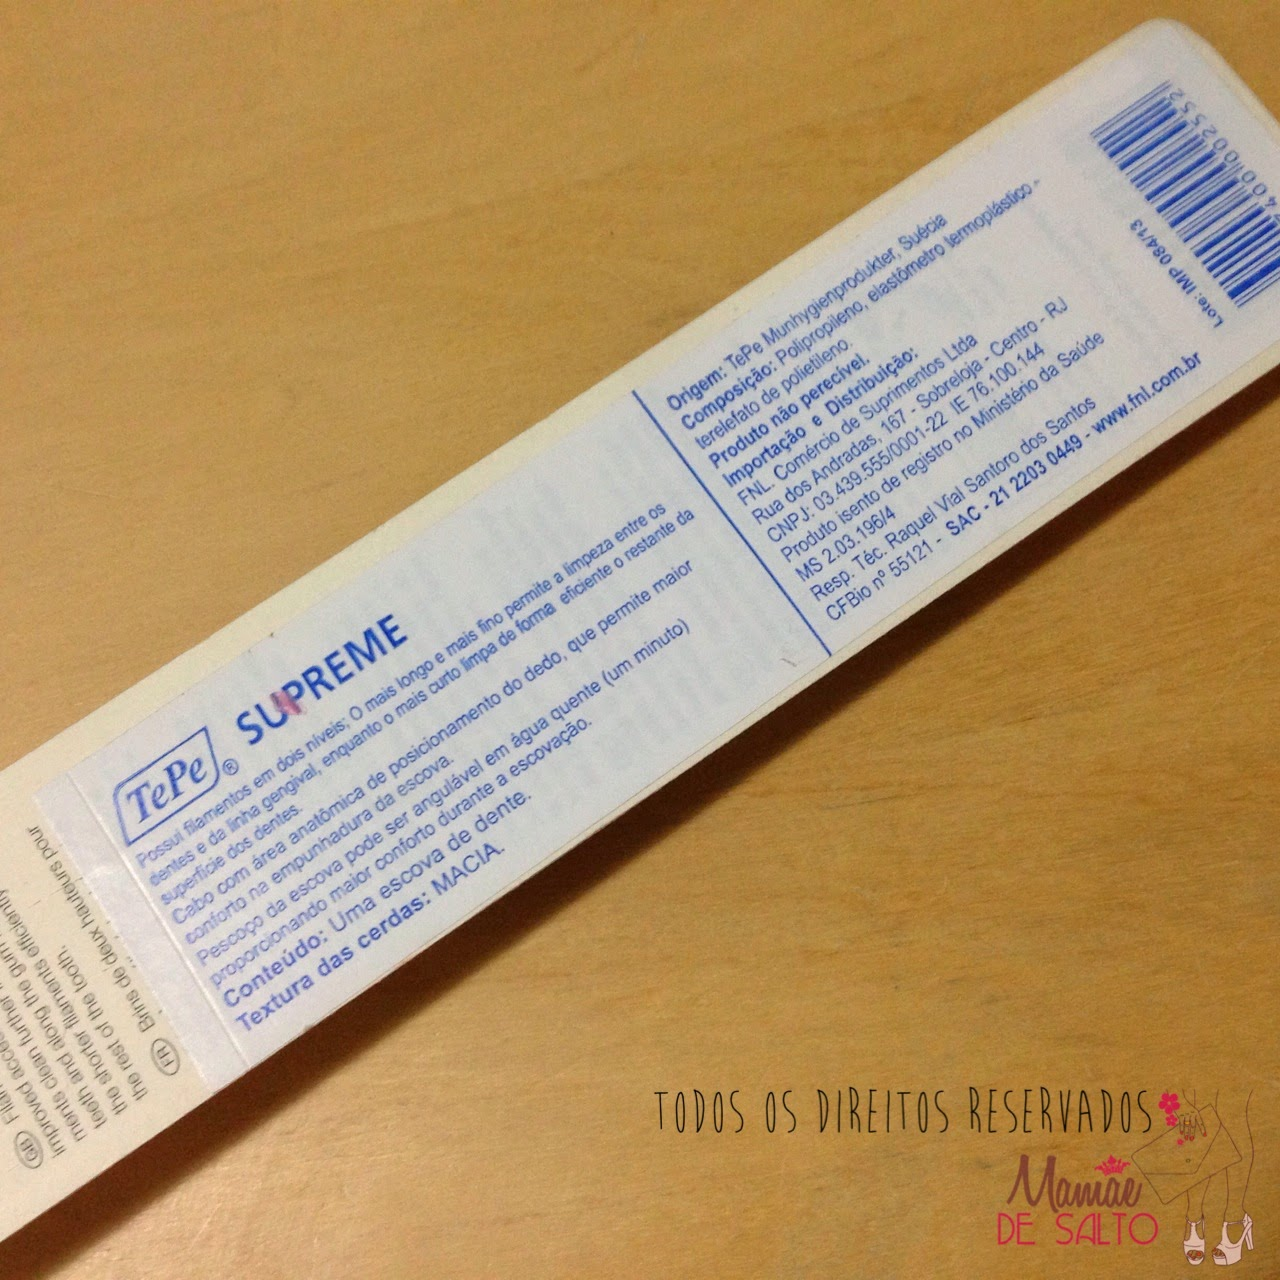 presskit escova de dentes TePe Supreme - todos os direitos reservados ao blog Mamãe de Salto